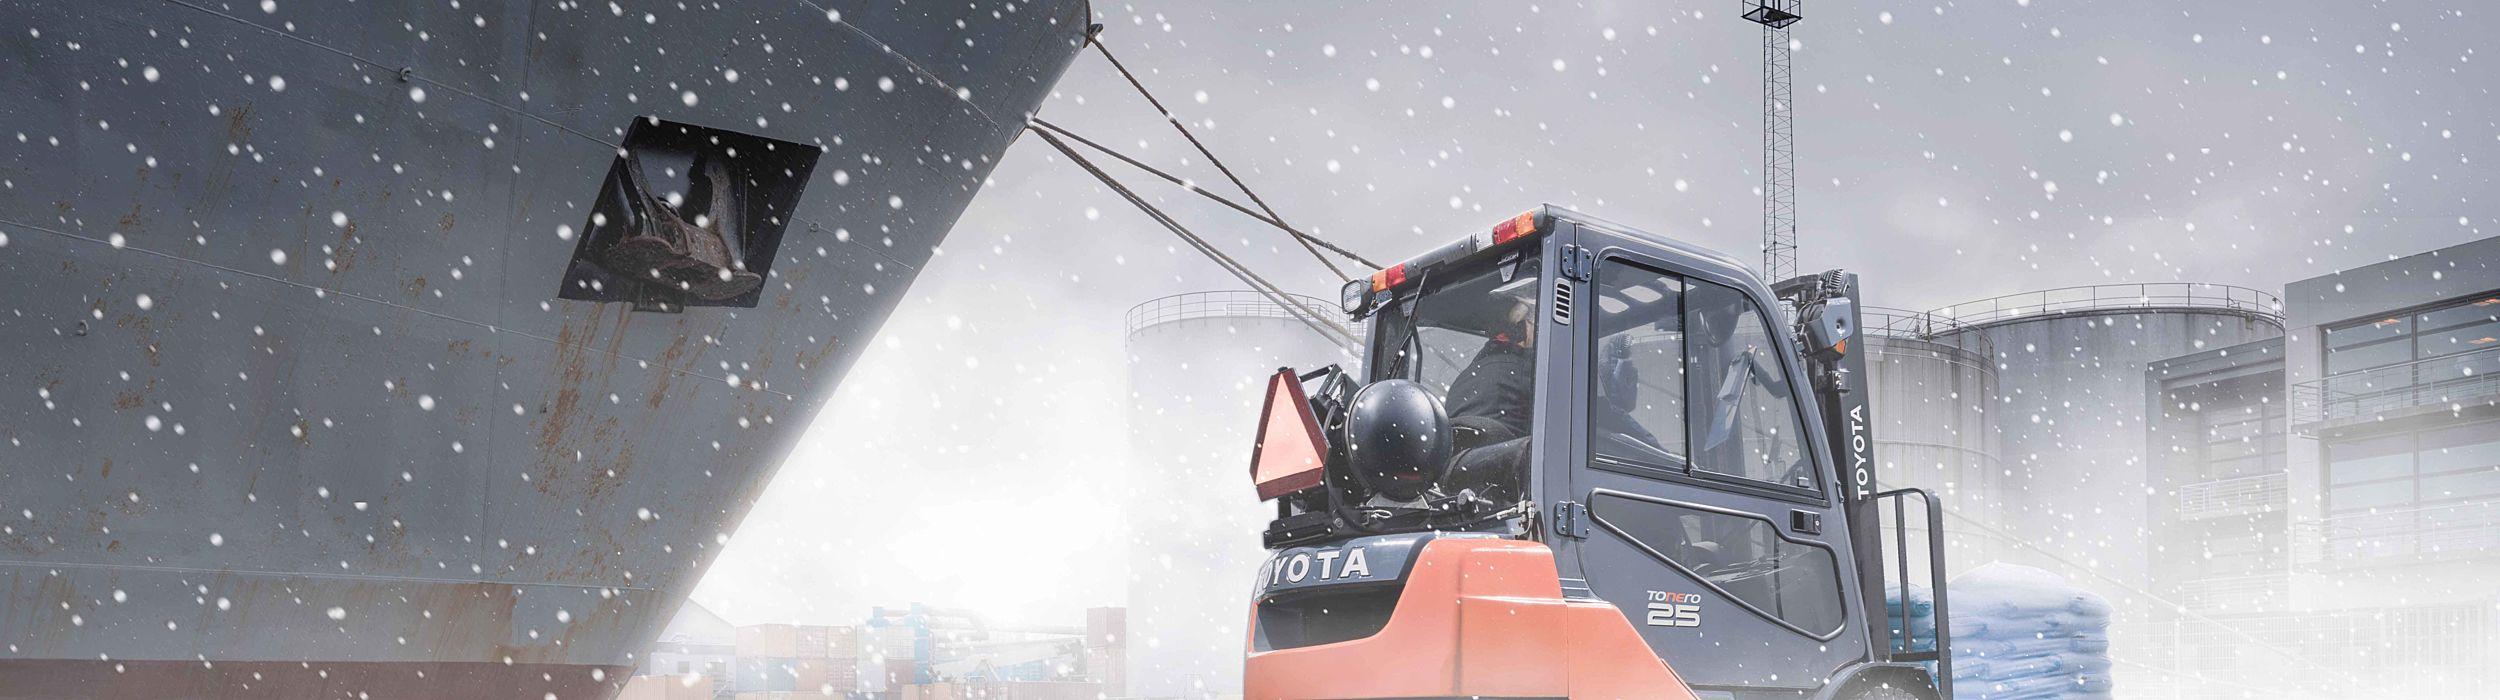 Zimní výbava vzv Toyota Tonero plném výkonu!